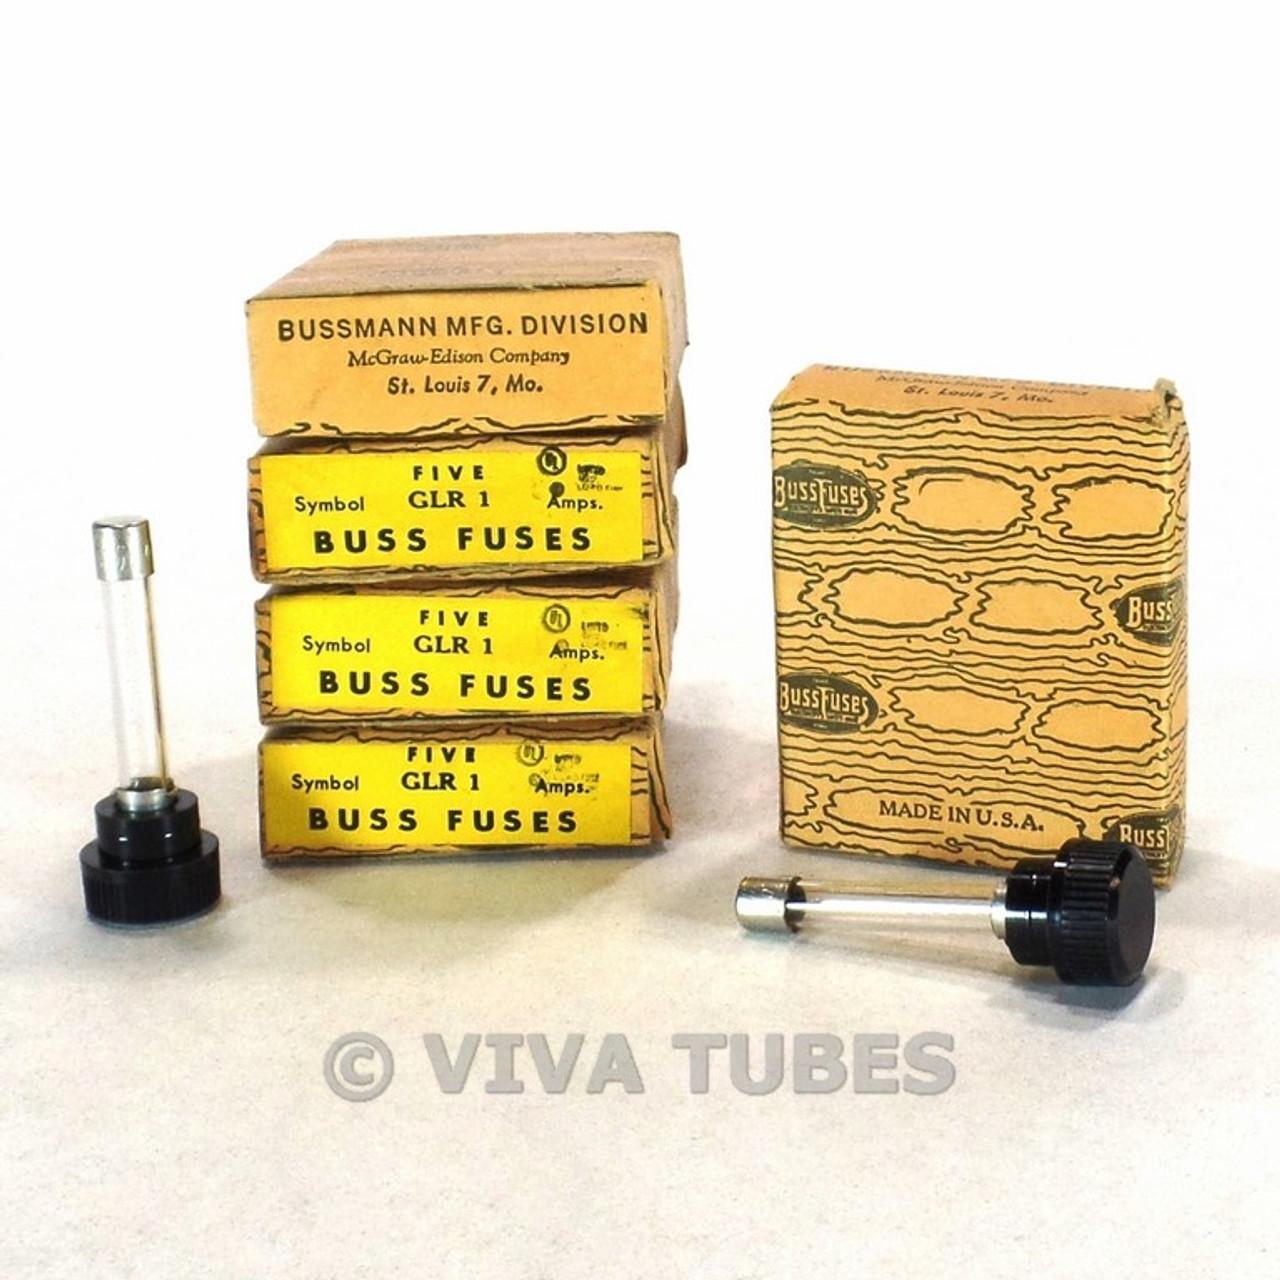 hight resolution of set of 20 nos nib vintage bussman fuses type glr 1 aamp 300 v panel mount fuses viva tubes